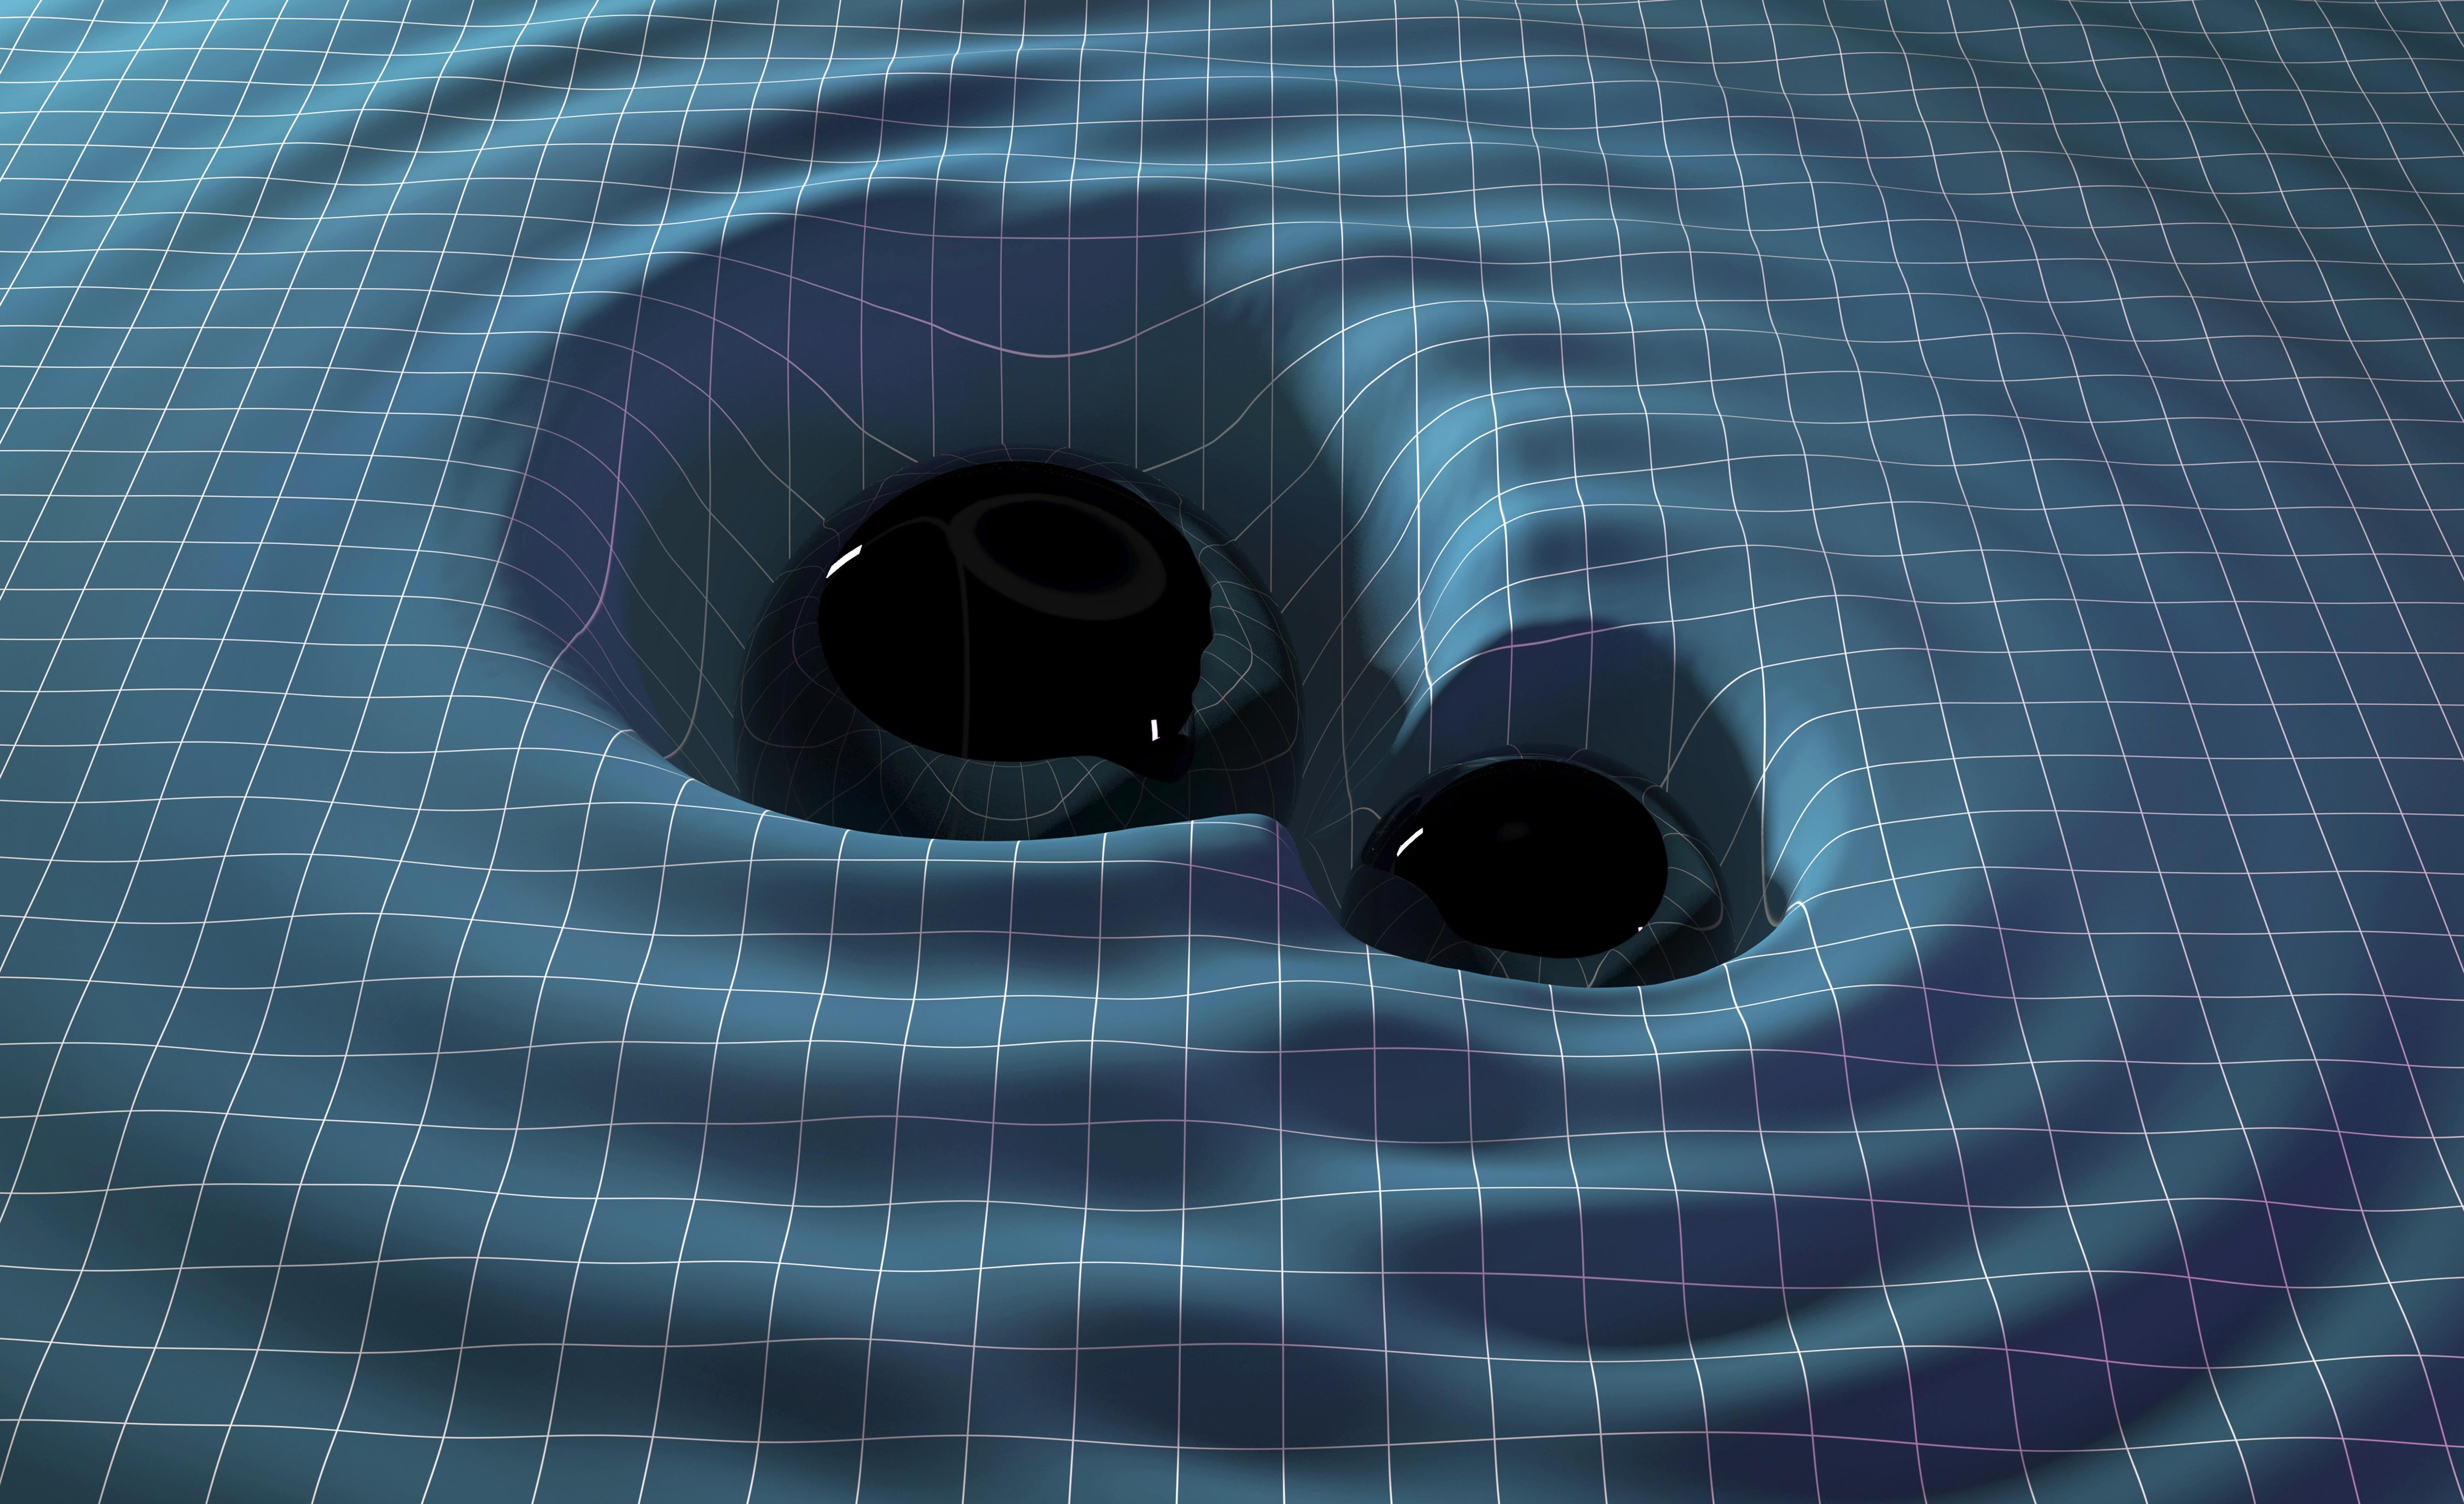 Újra összeolvadó fekete lyukak nyomaira találtunk, tényleg itt a csillagászat új korszaka